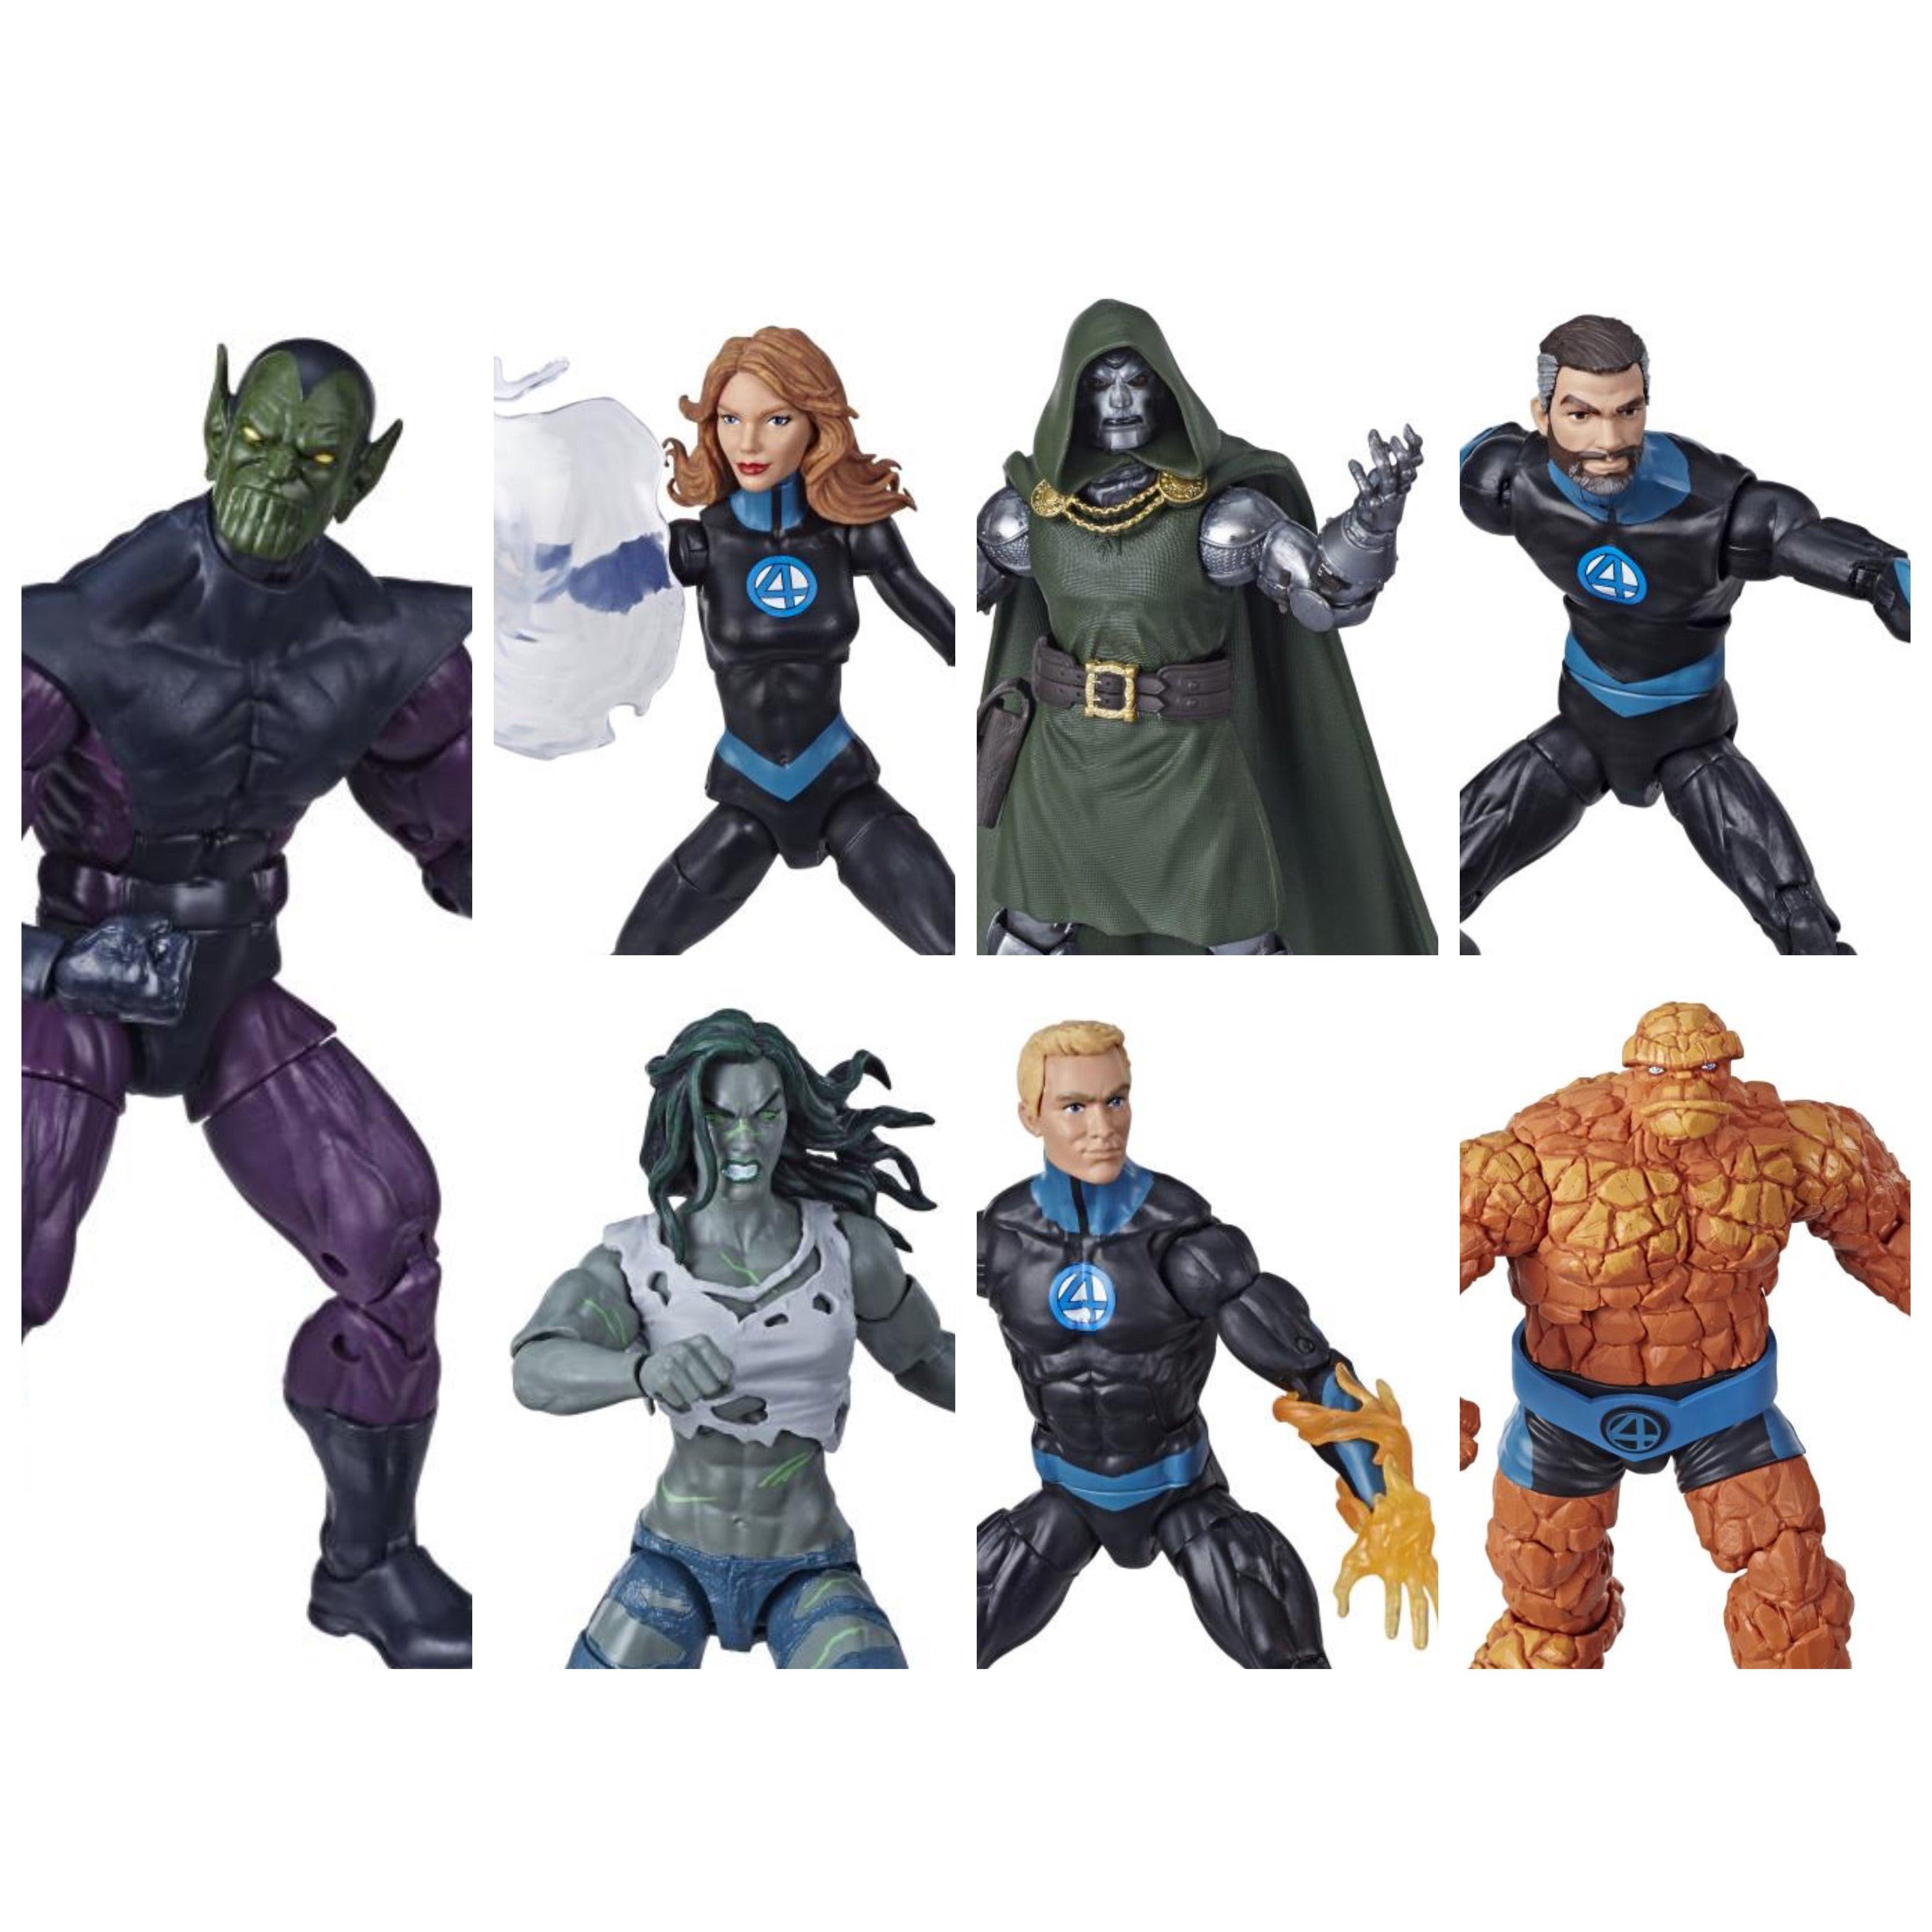 Image of Fantastic Four Marvel Legends 6-Inch Action Figures (BAF Super Skrull) - Set of 6